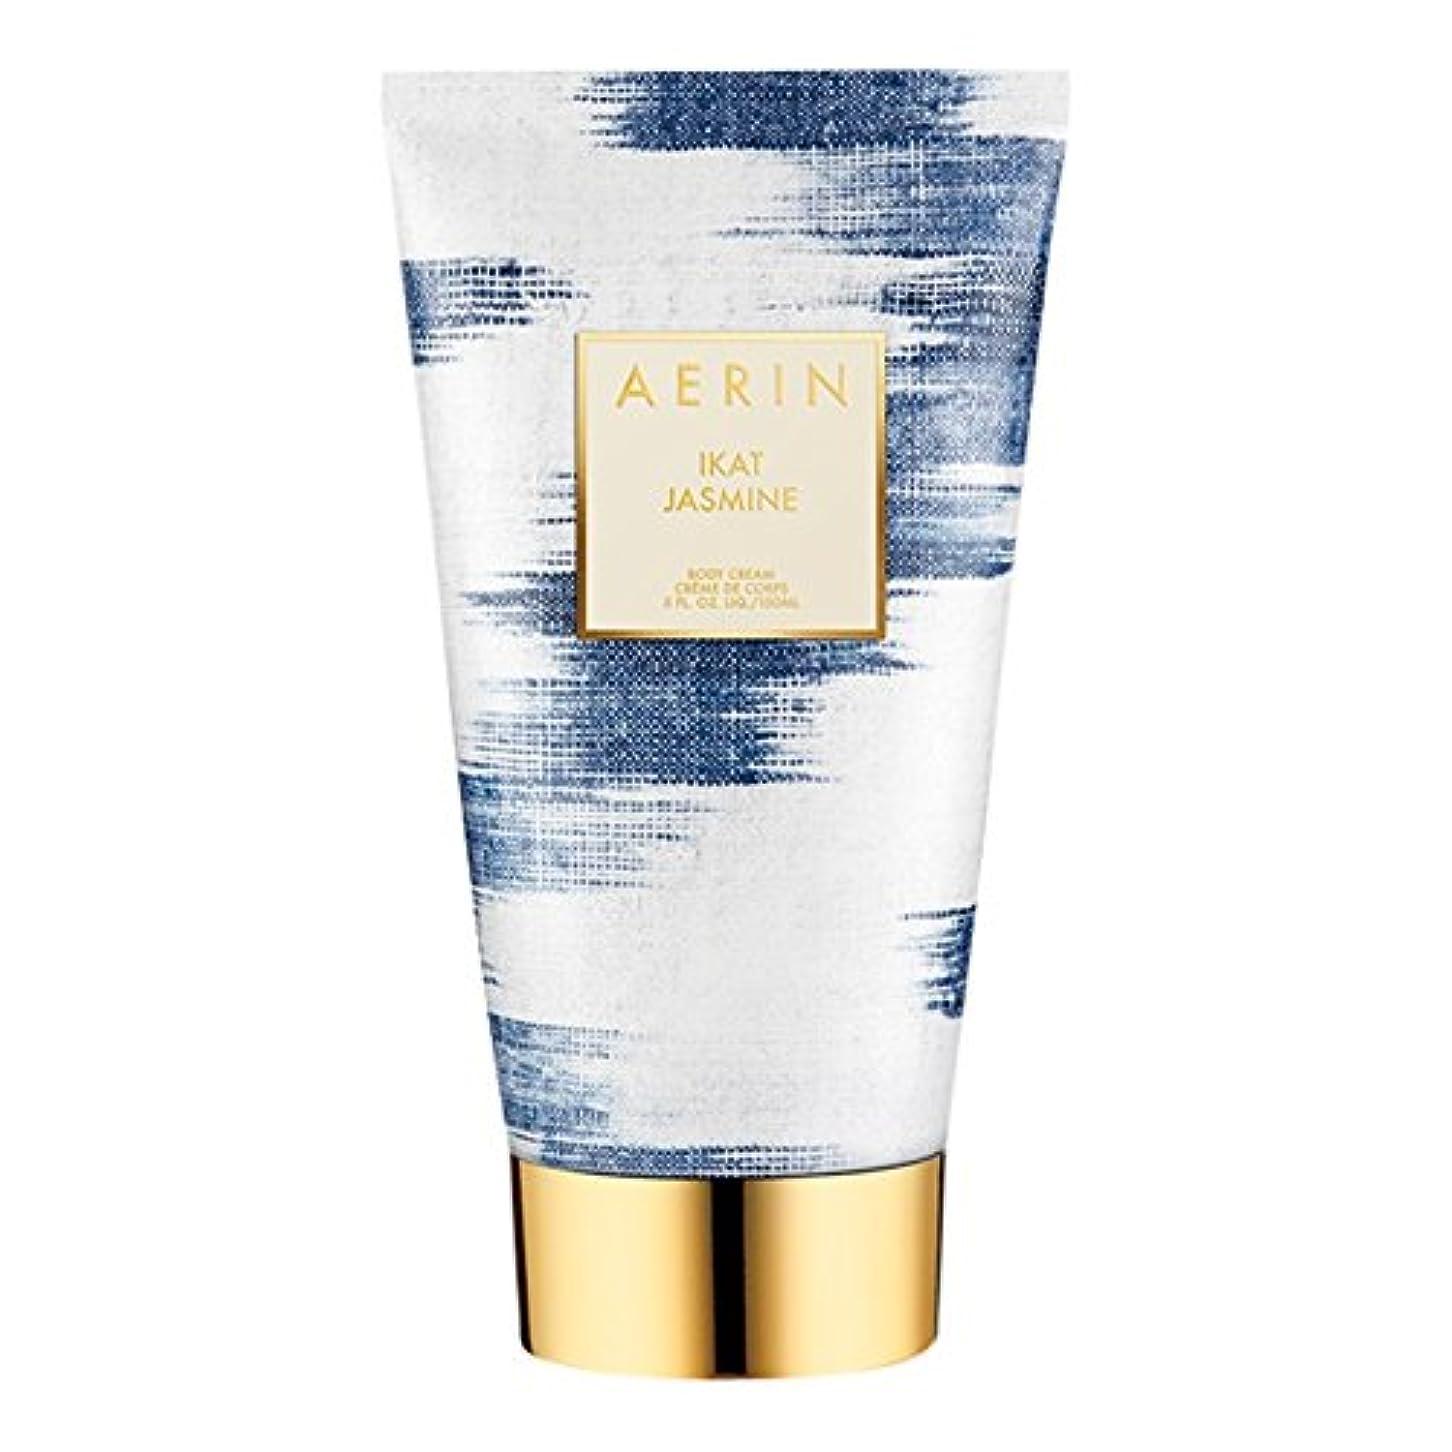 健全切り離す入口Aerinイカットジャスミンボディクリーム150ミリリットル (AERIN) - AERIN Ikat Jasmine Body Cream 150ml [並行輸入品]